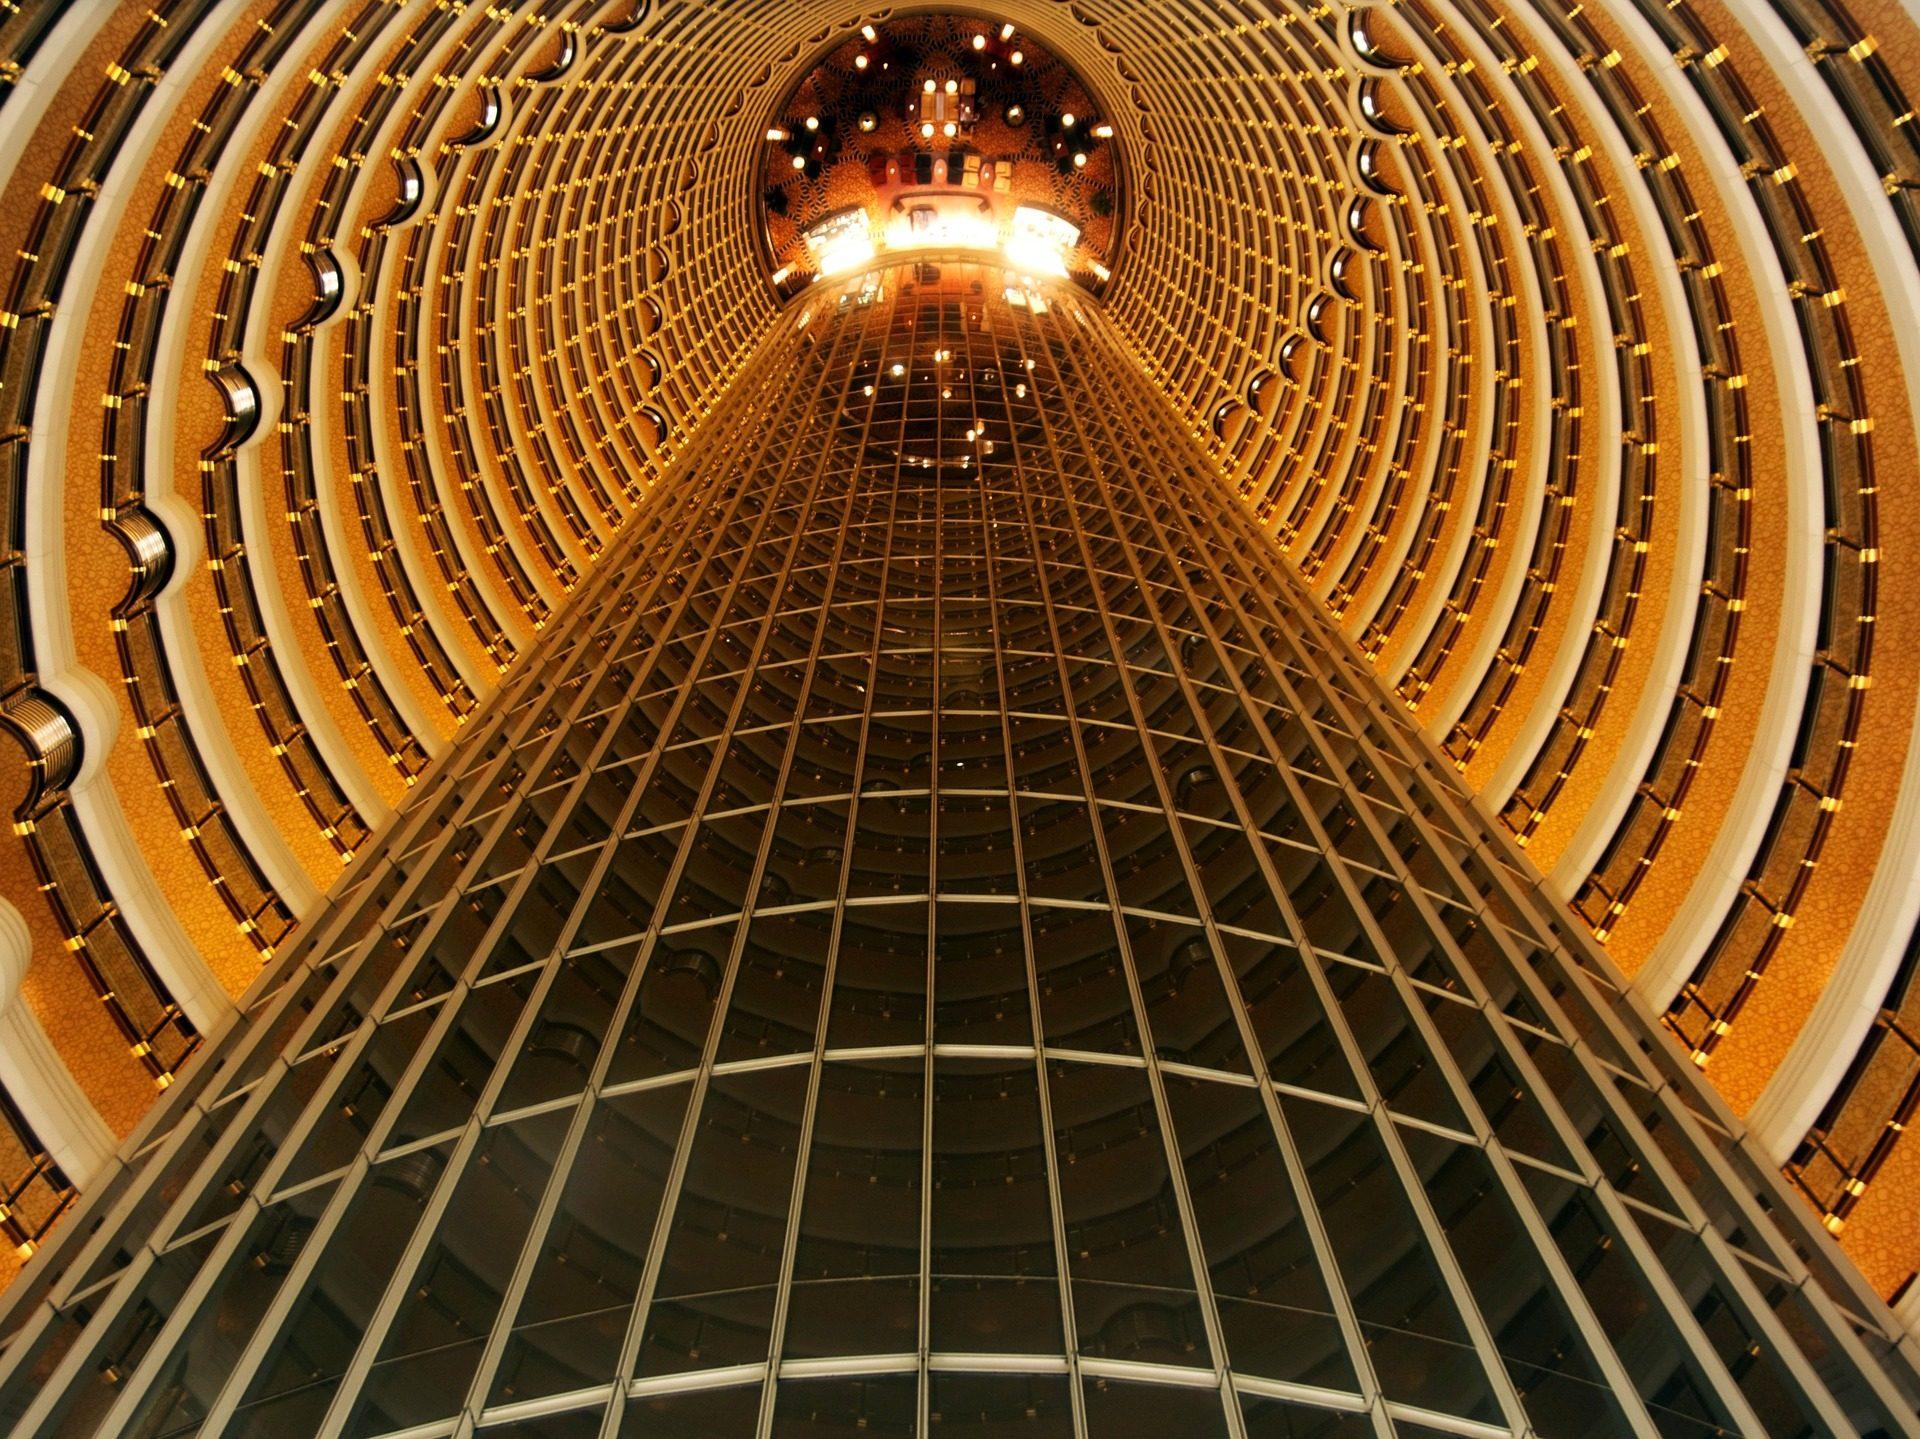 edifício, cristais, altura, arquitetura, Torre, Jin mao - Papéis de parede HD - Professor-falken.com